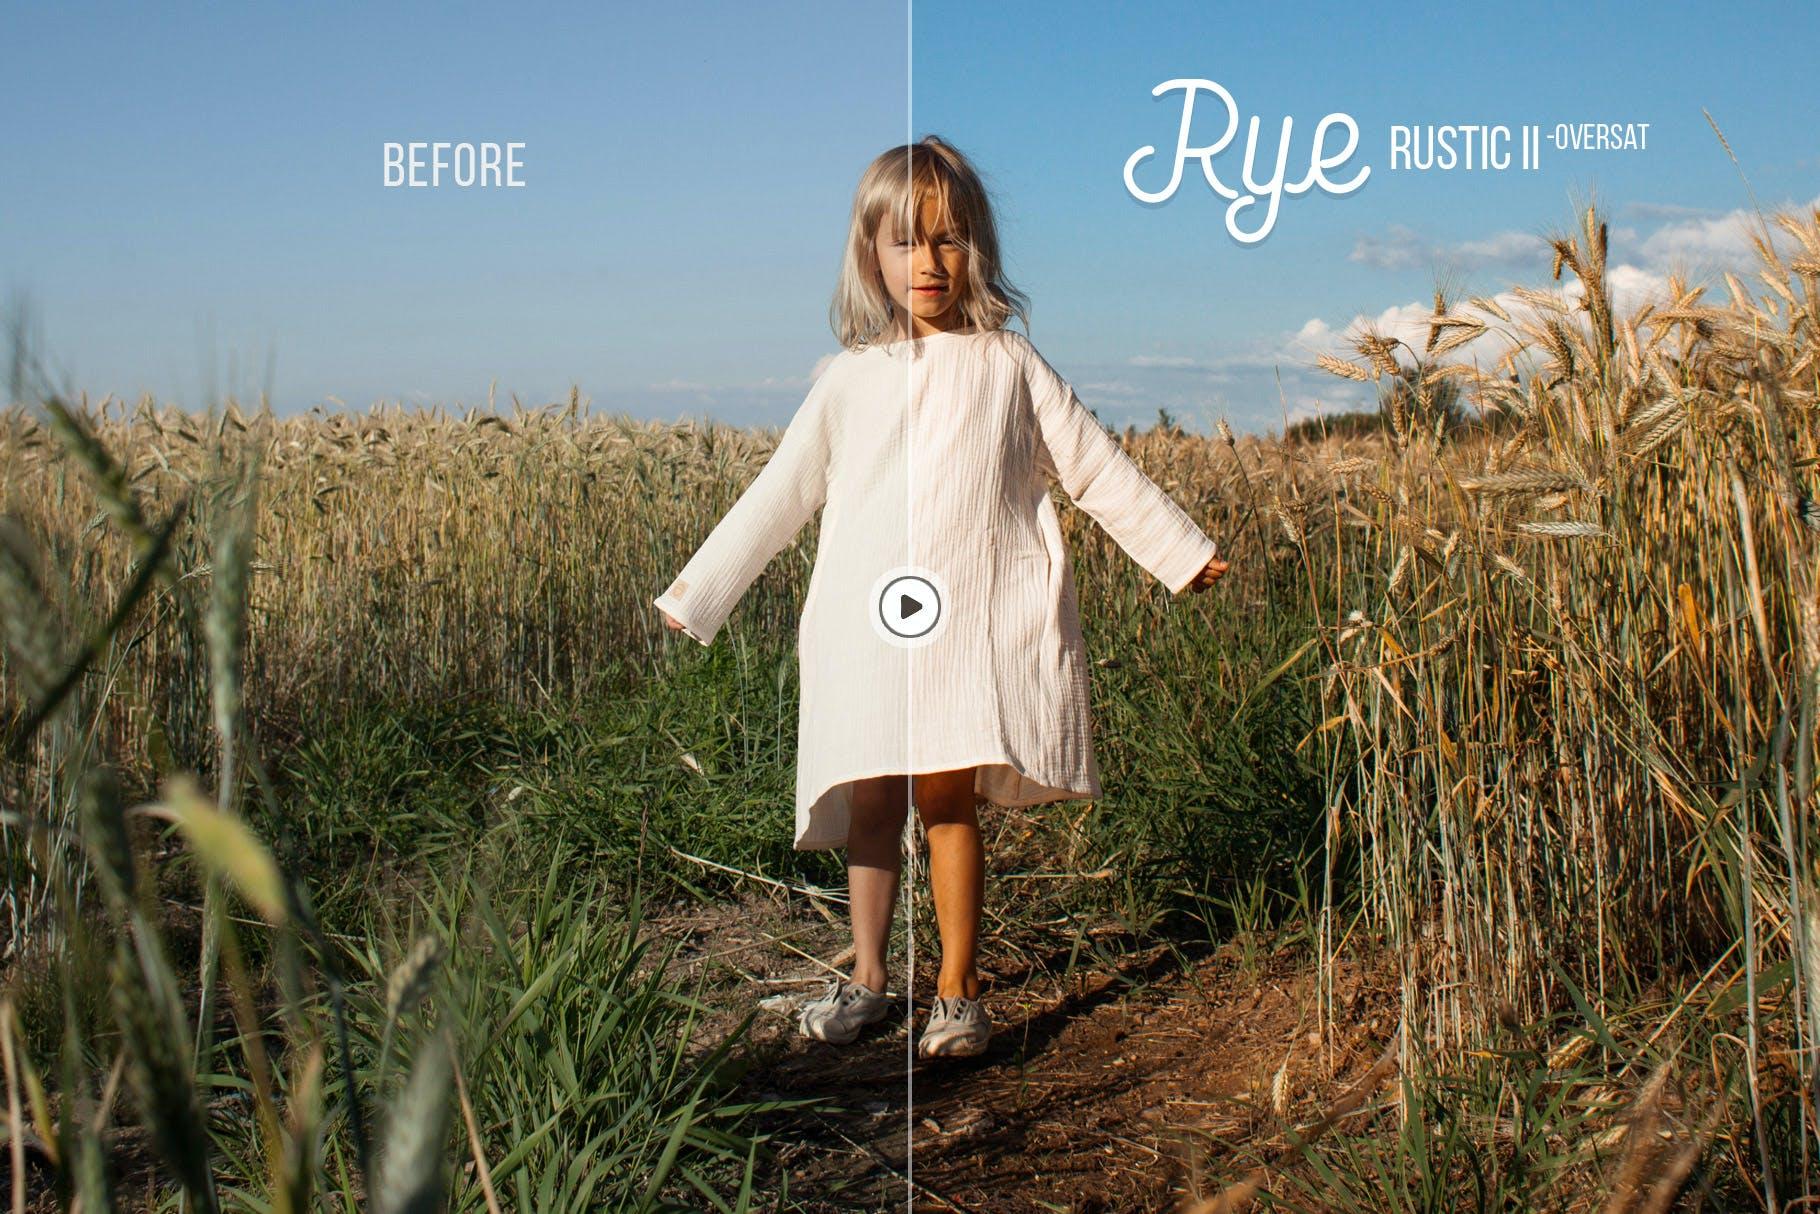 色调调校创意人像摄影LR预设 Rye Lightroom & ACR Presets设计素材模板